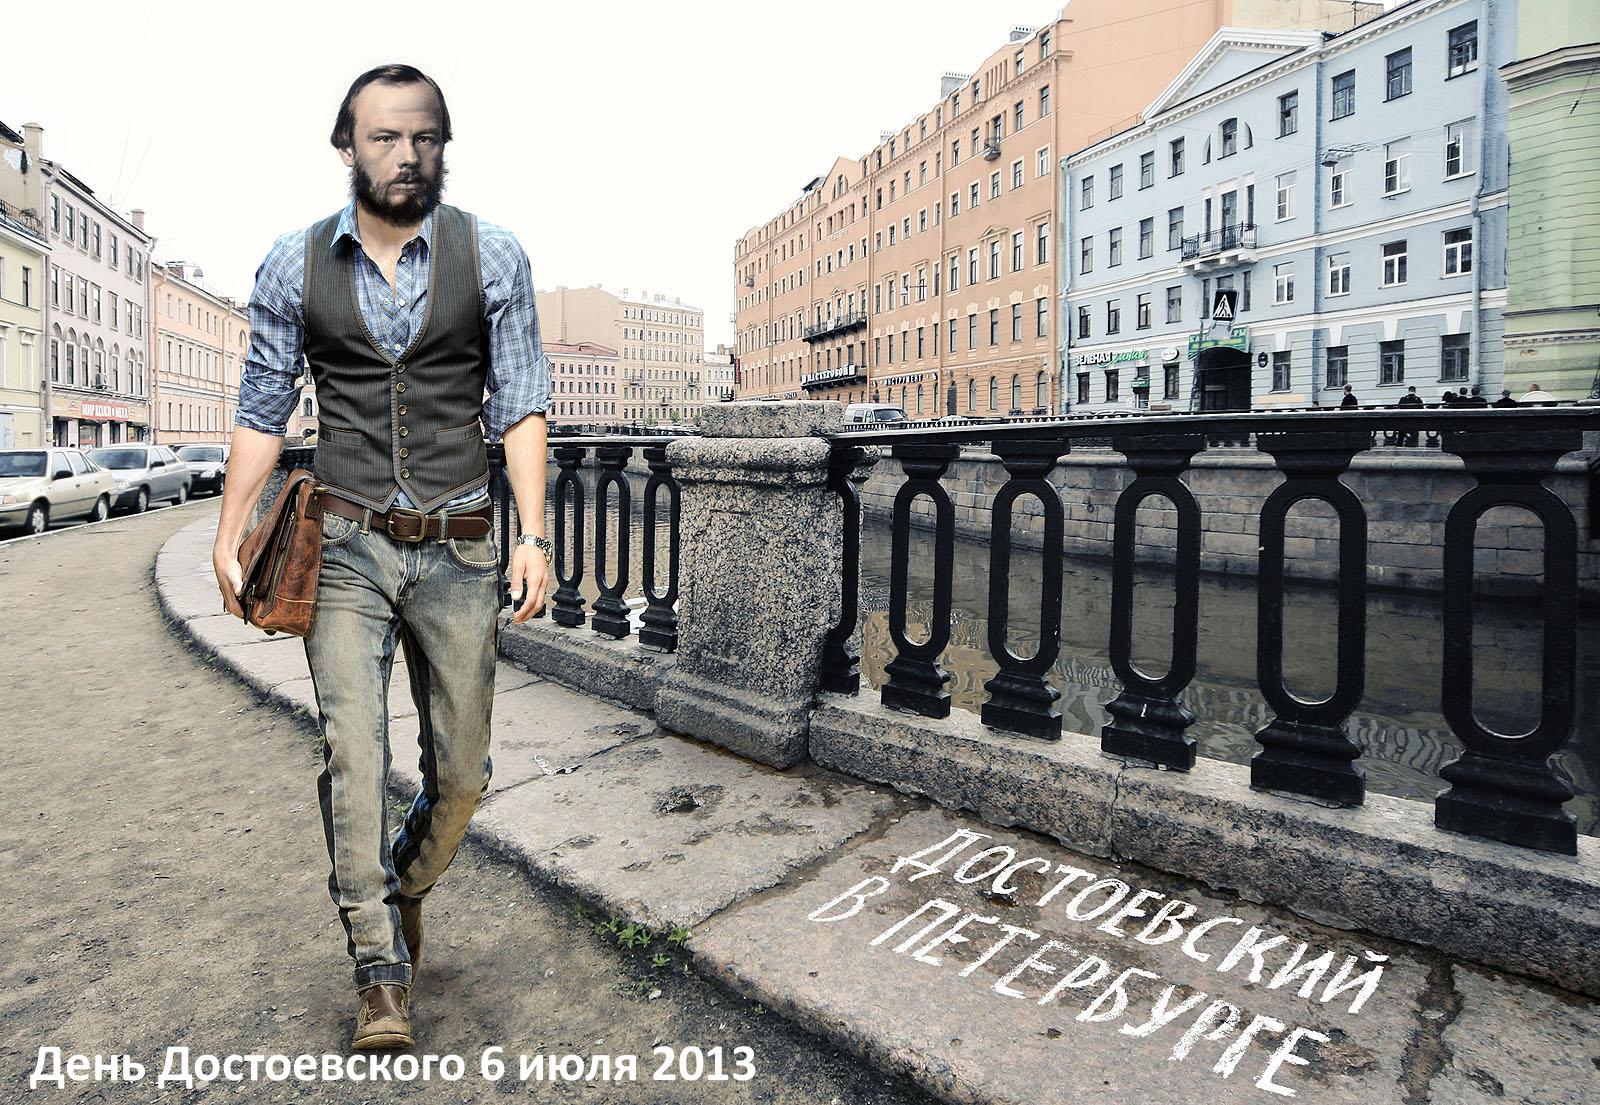 Санкт петербург досуг для мужчин 22 фотография